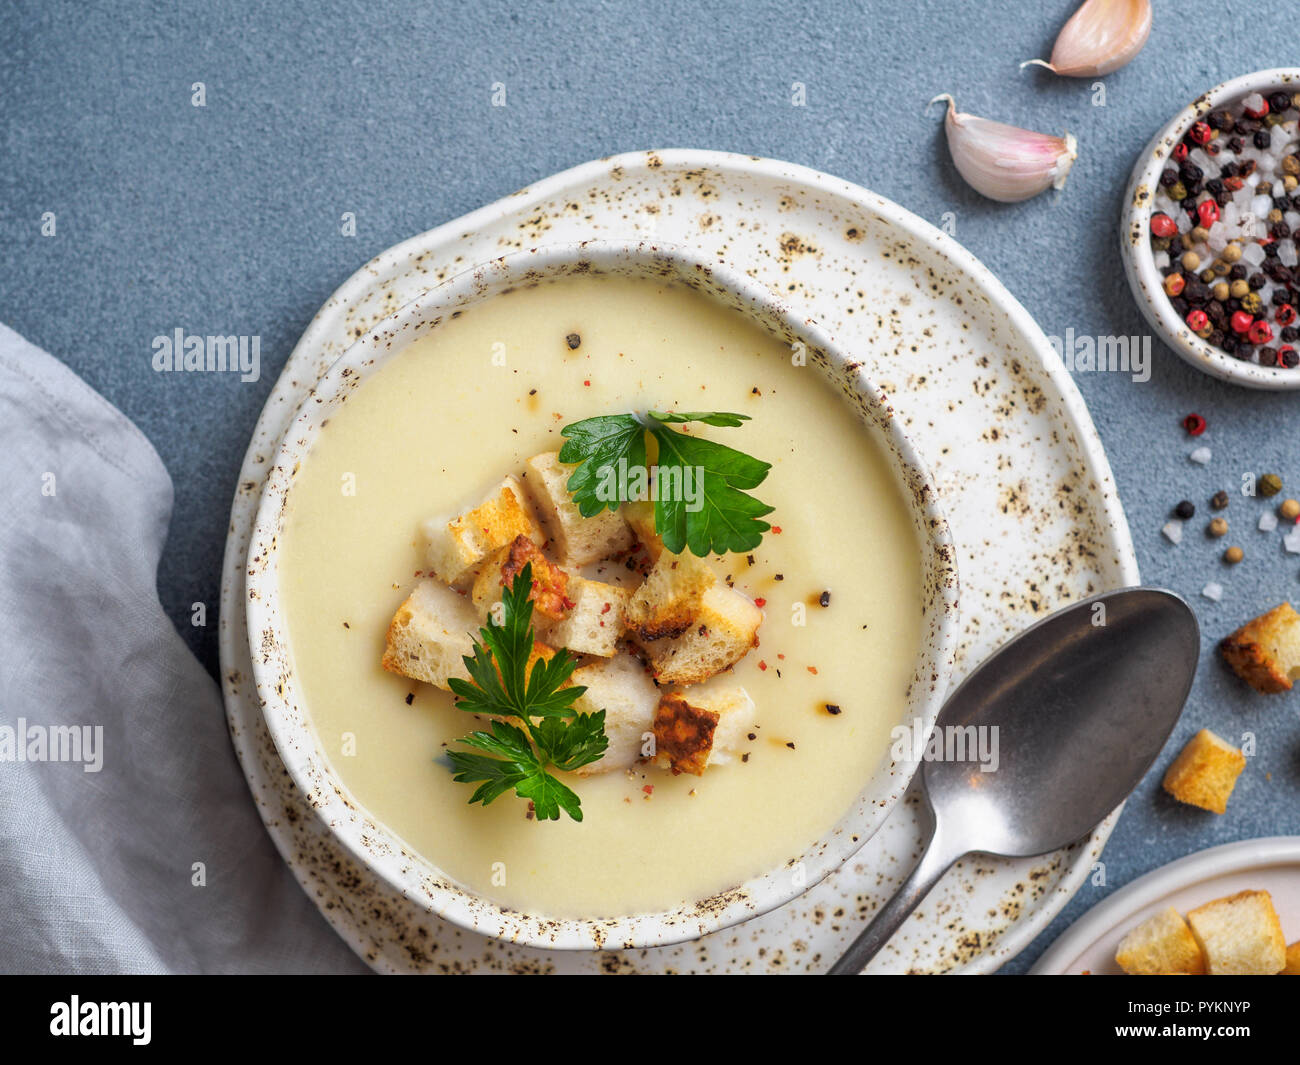 Blumenkohl Kartoffel Suppe Purieren Auf Stein Cremige Suppe Mit